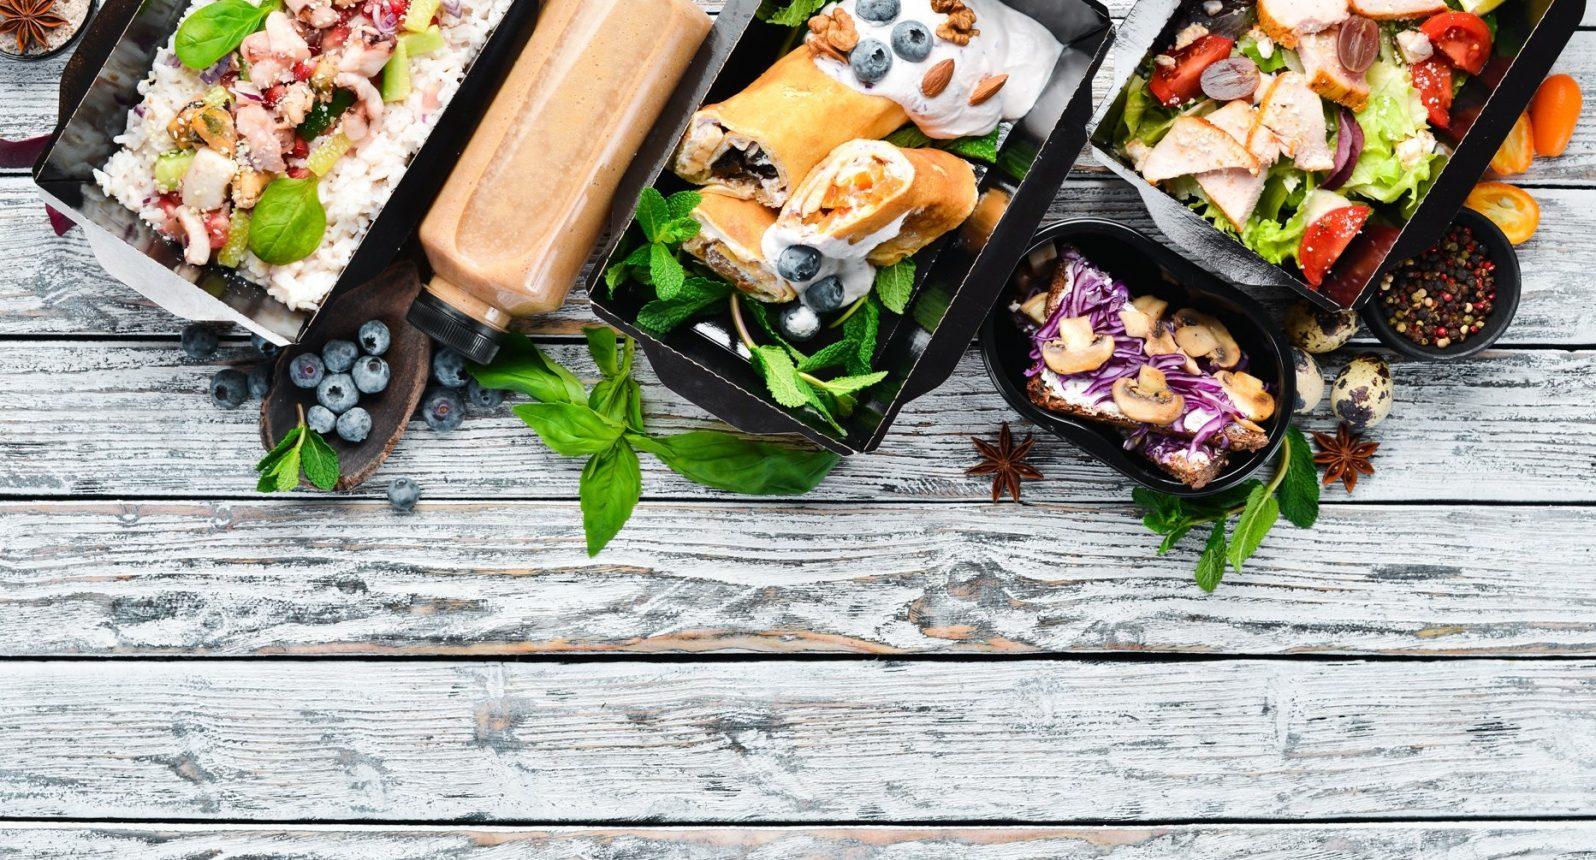 Dieta 5 posiłków-komu się udało schudnąć? - Dyskusja ogólna - Mangosteen